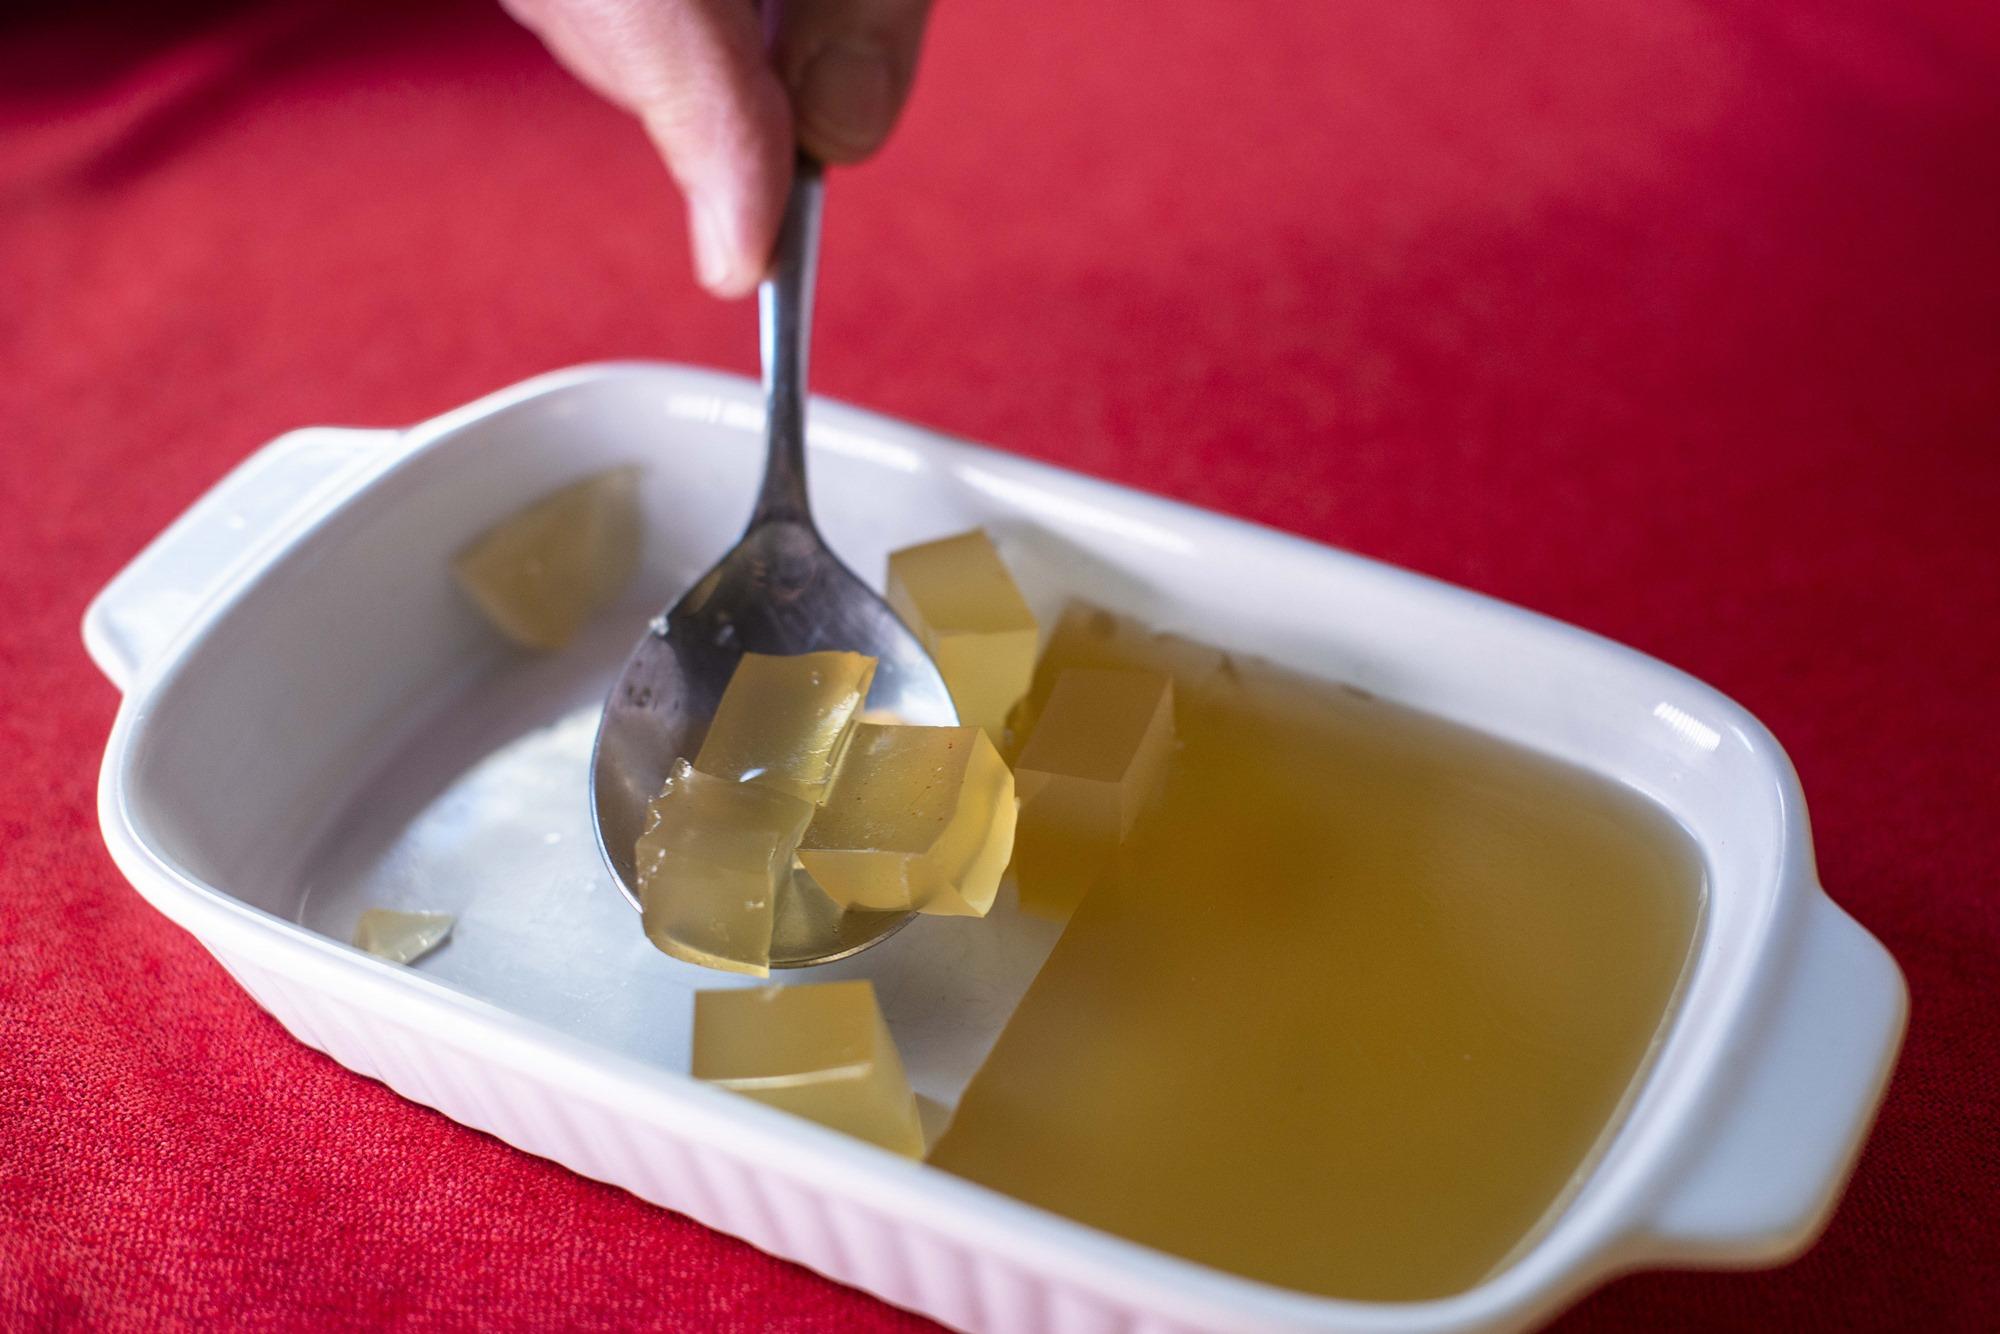 La gelatina da una textura diferente a este menú de Navidad.